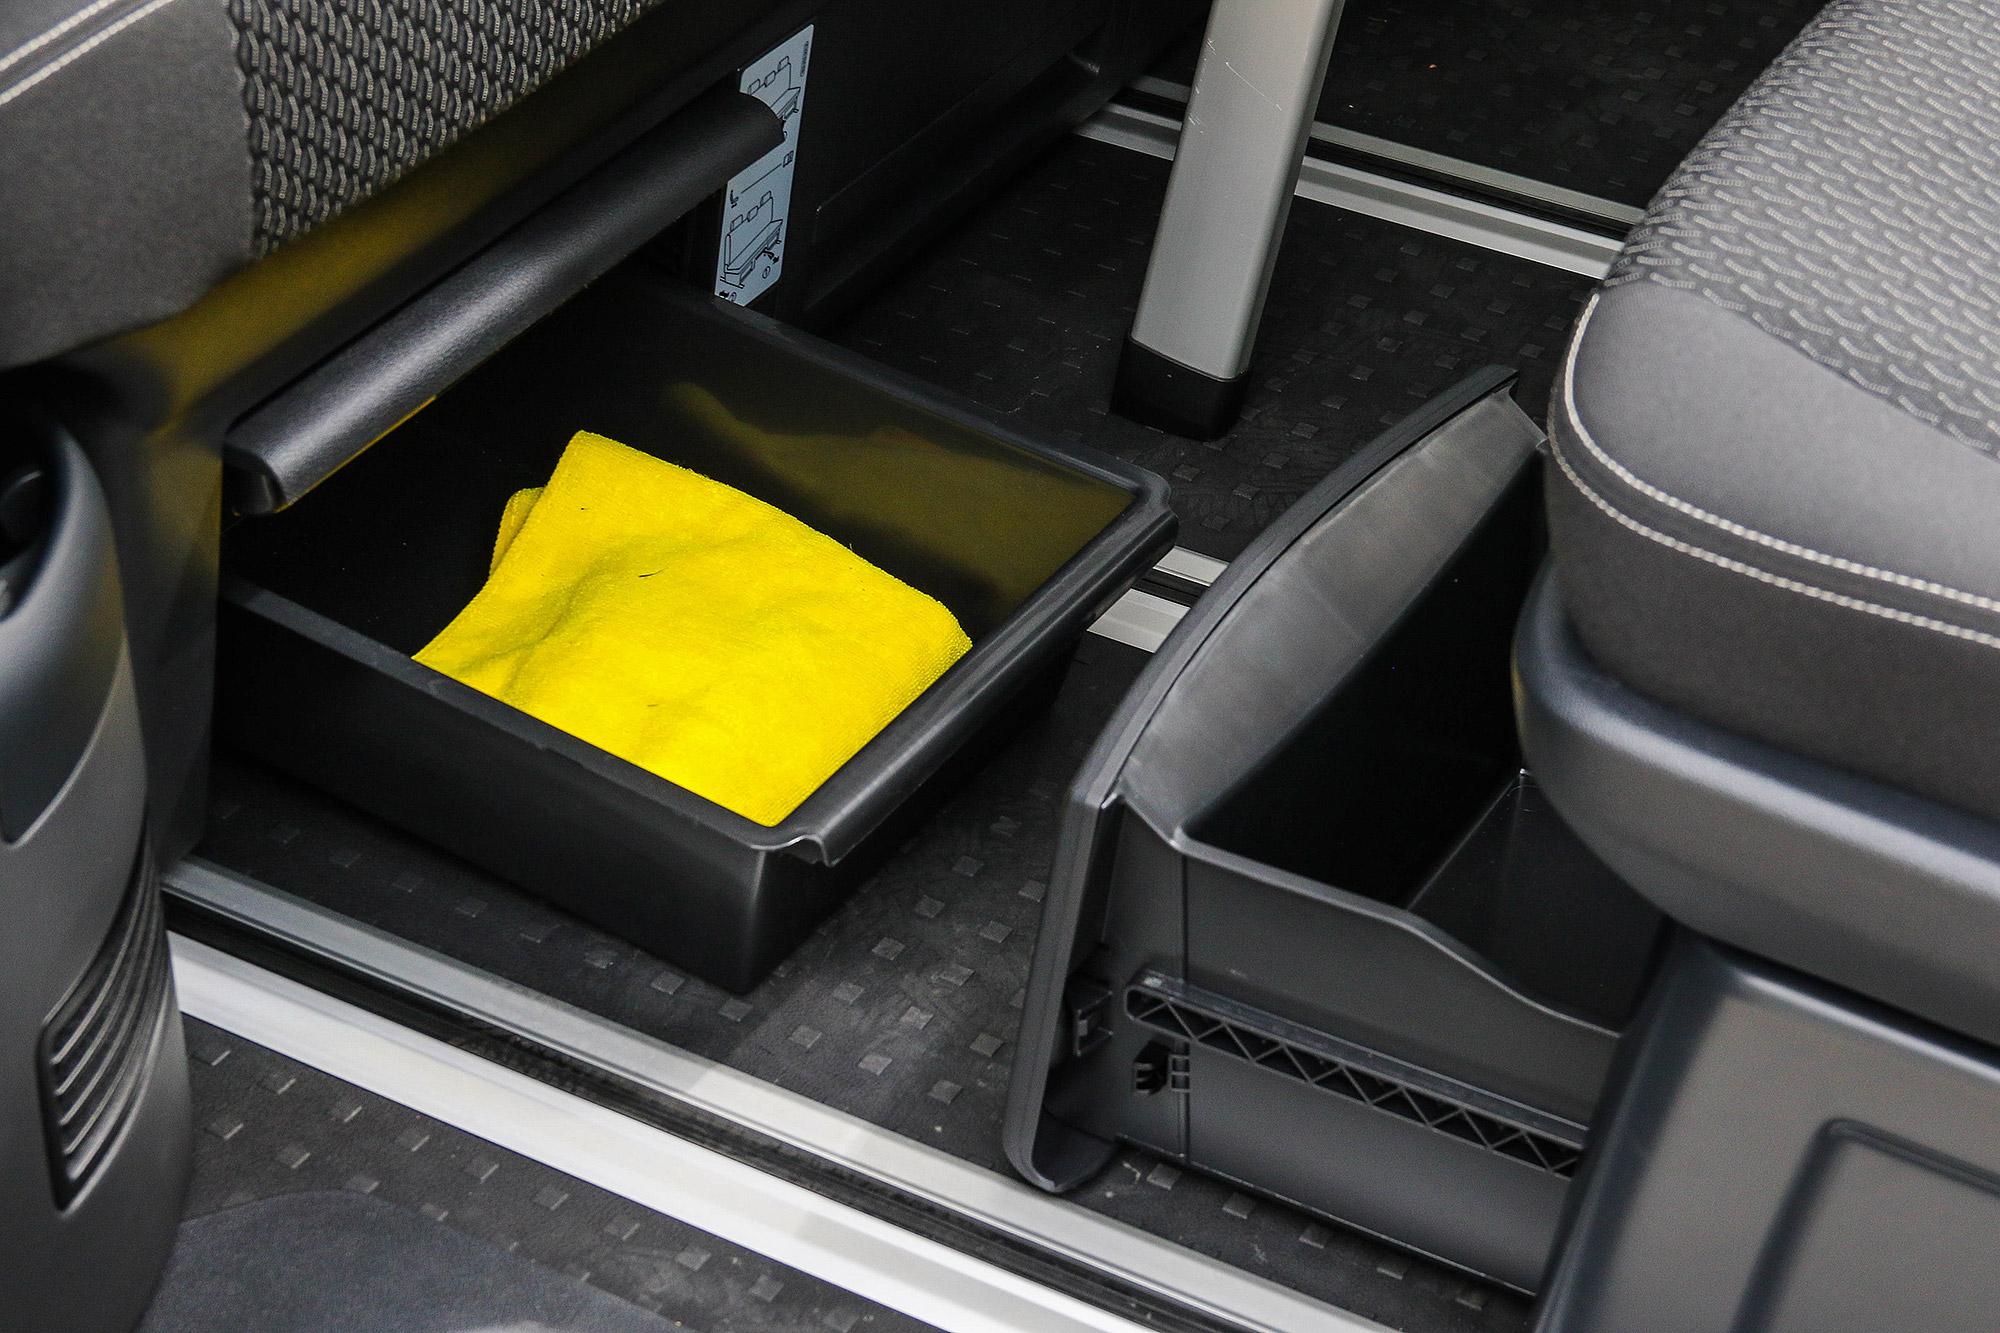 第二與第三排座椅下方都具備有收納抽屜。